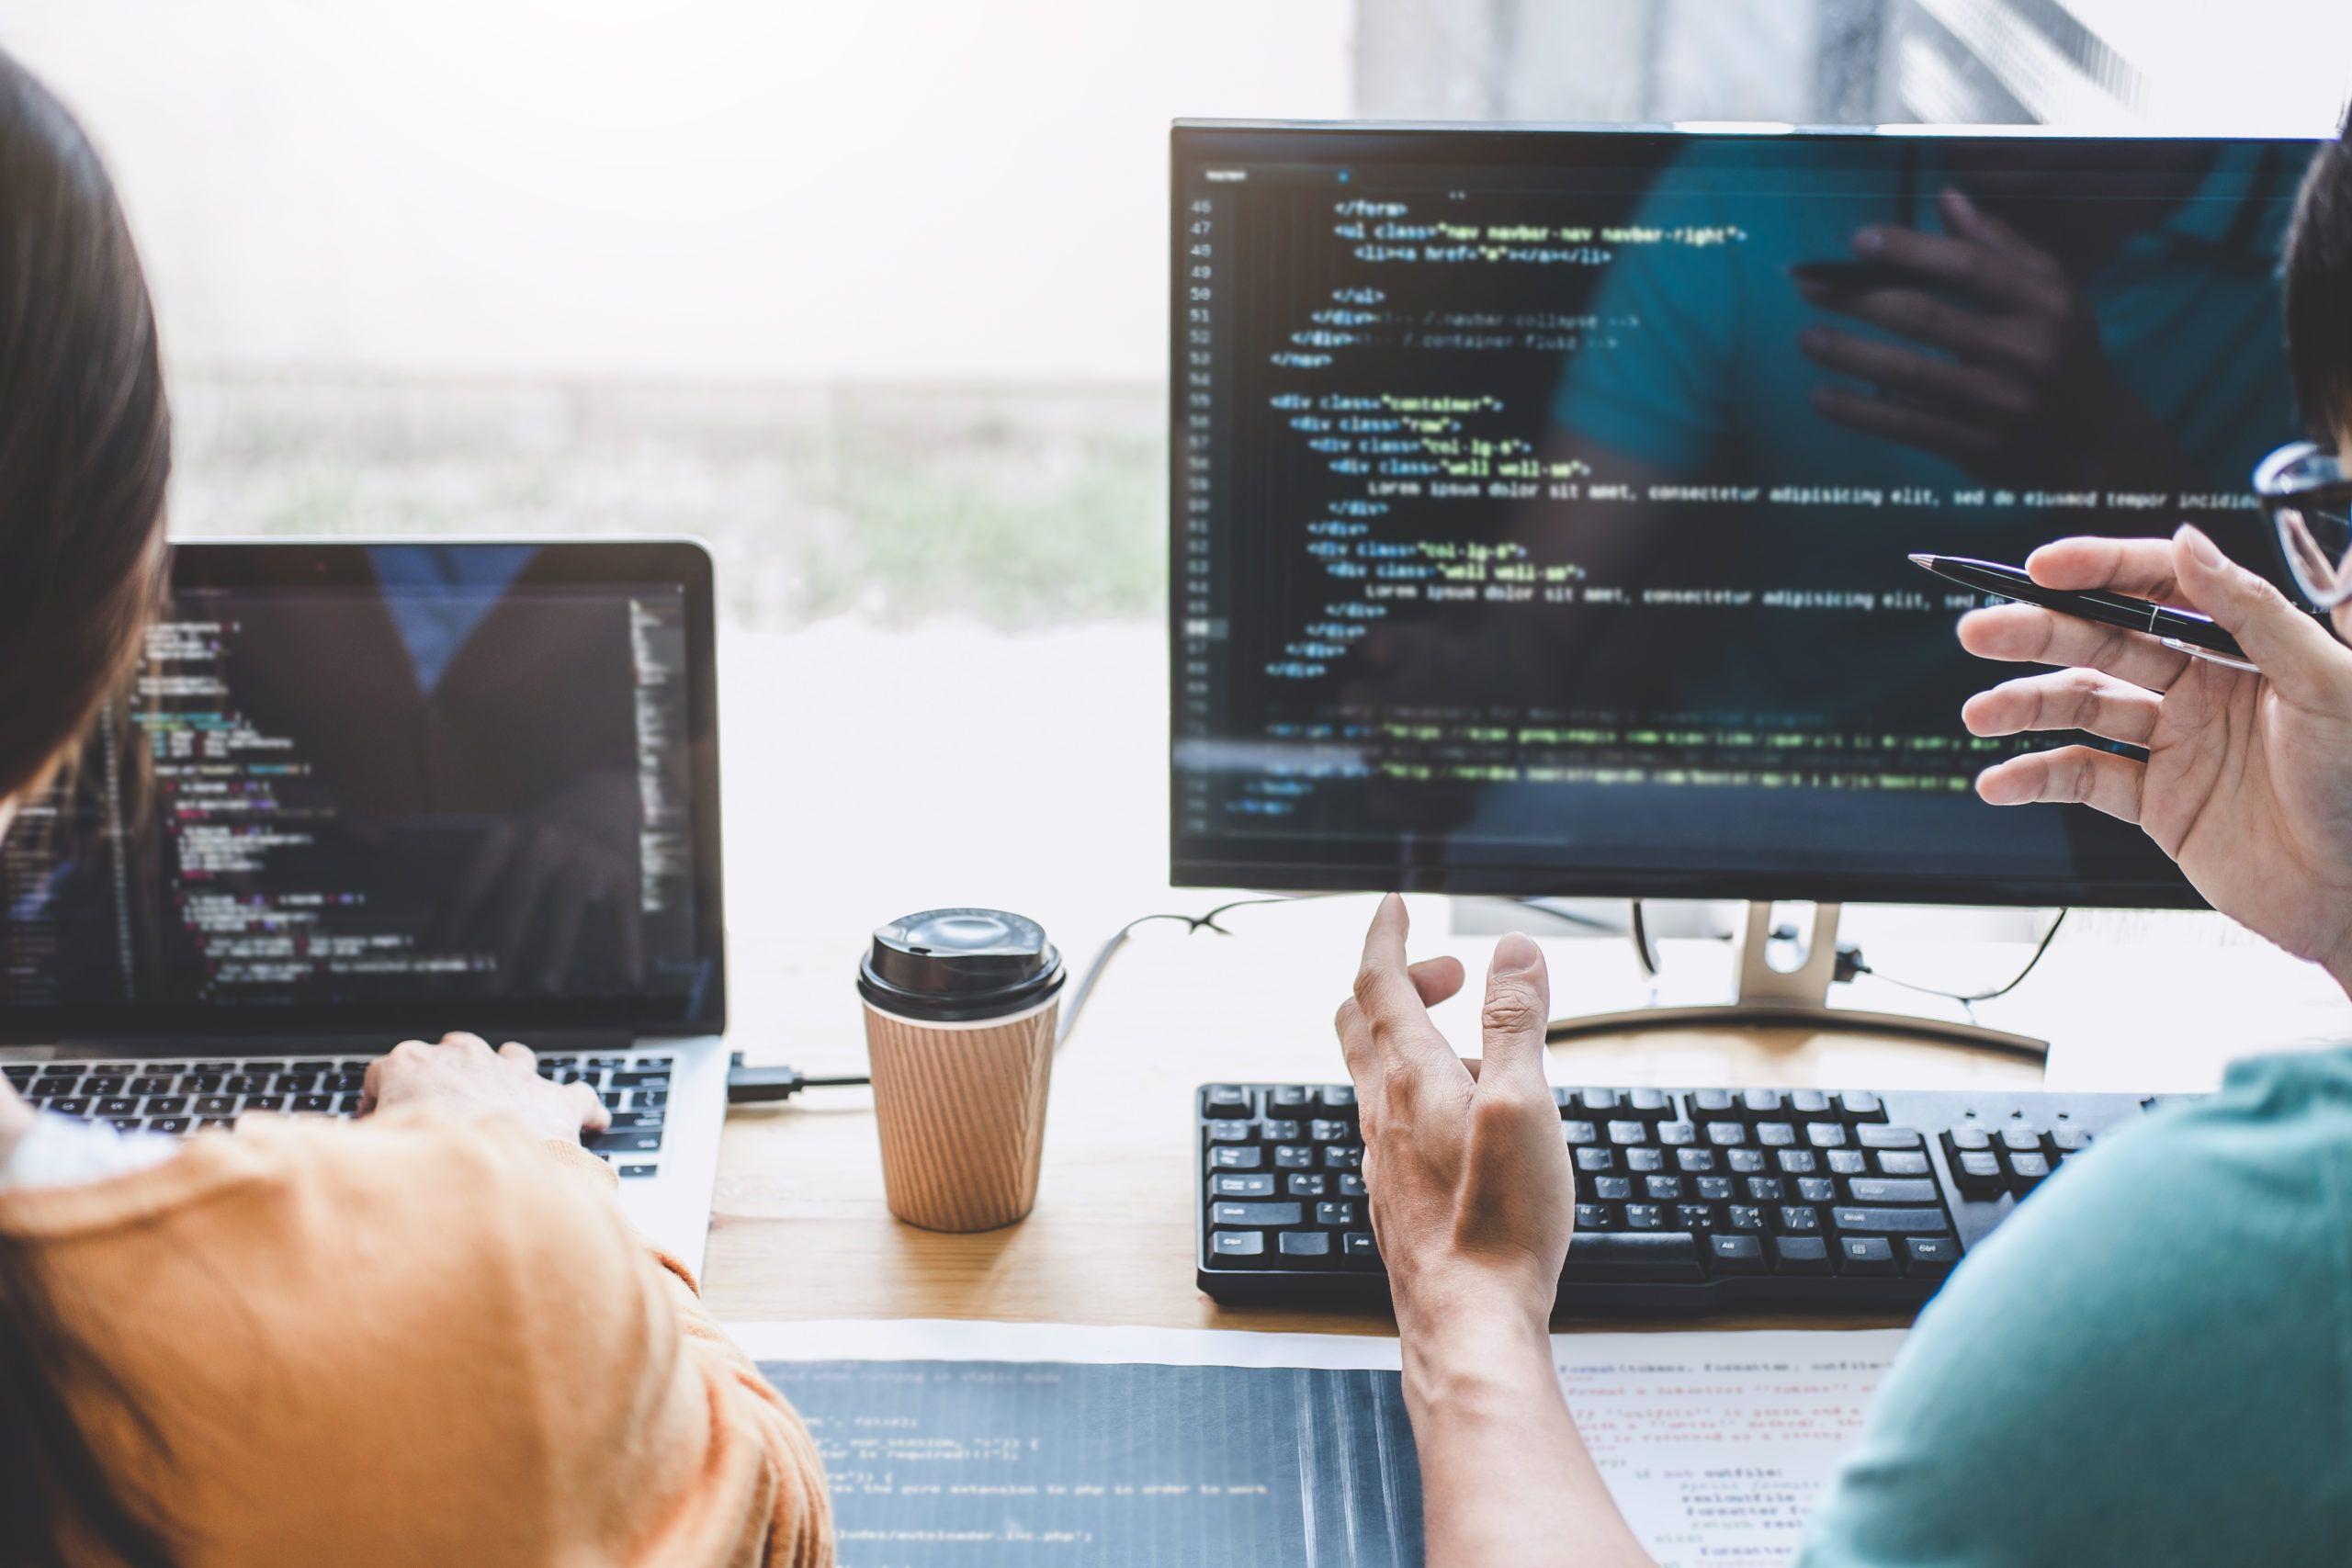 Co lepiej się sprawdza w IT: B2B czy etat?